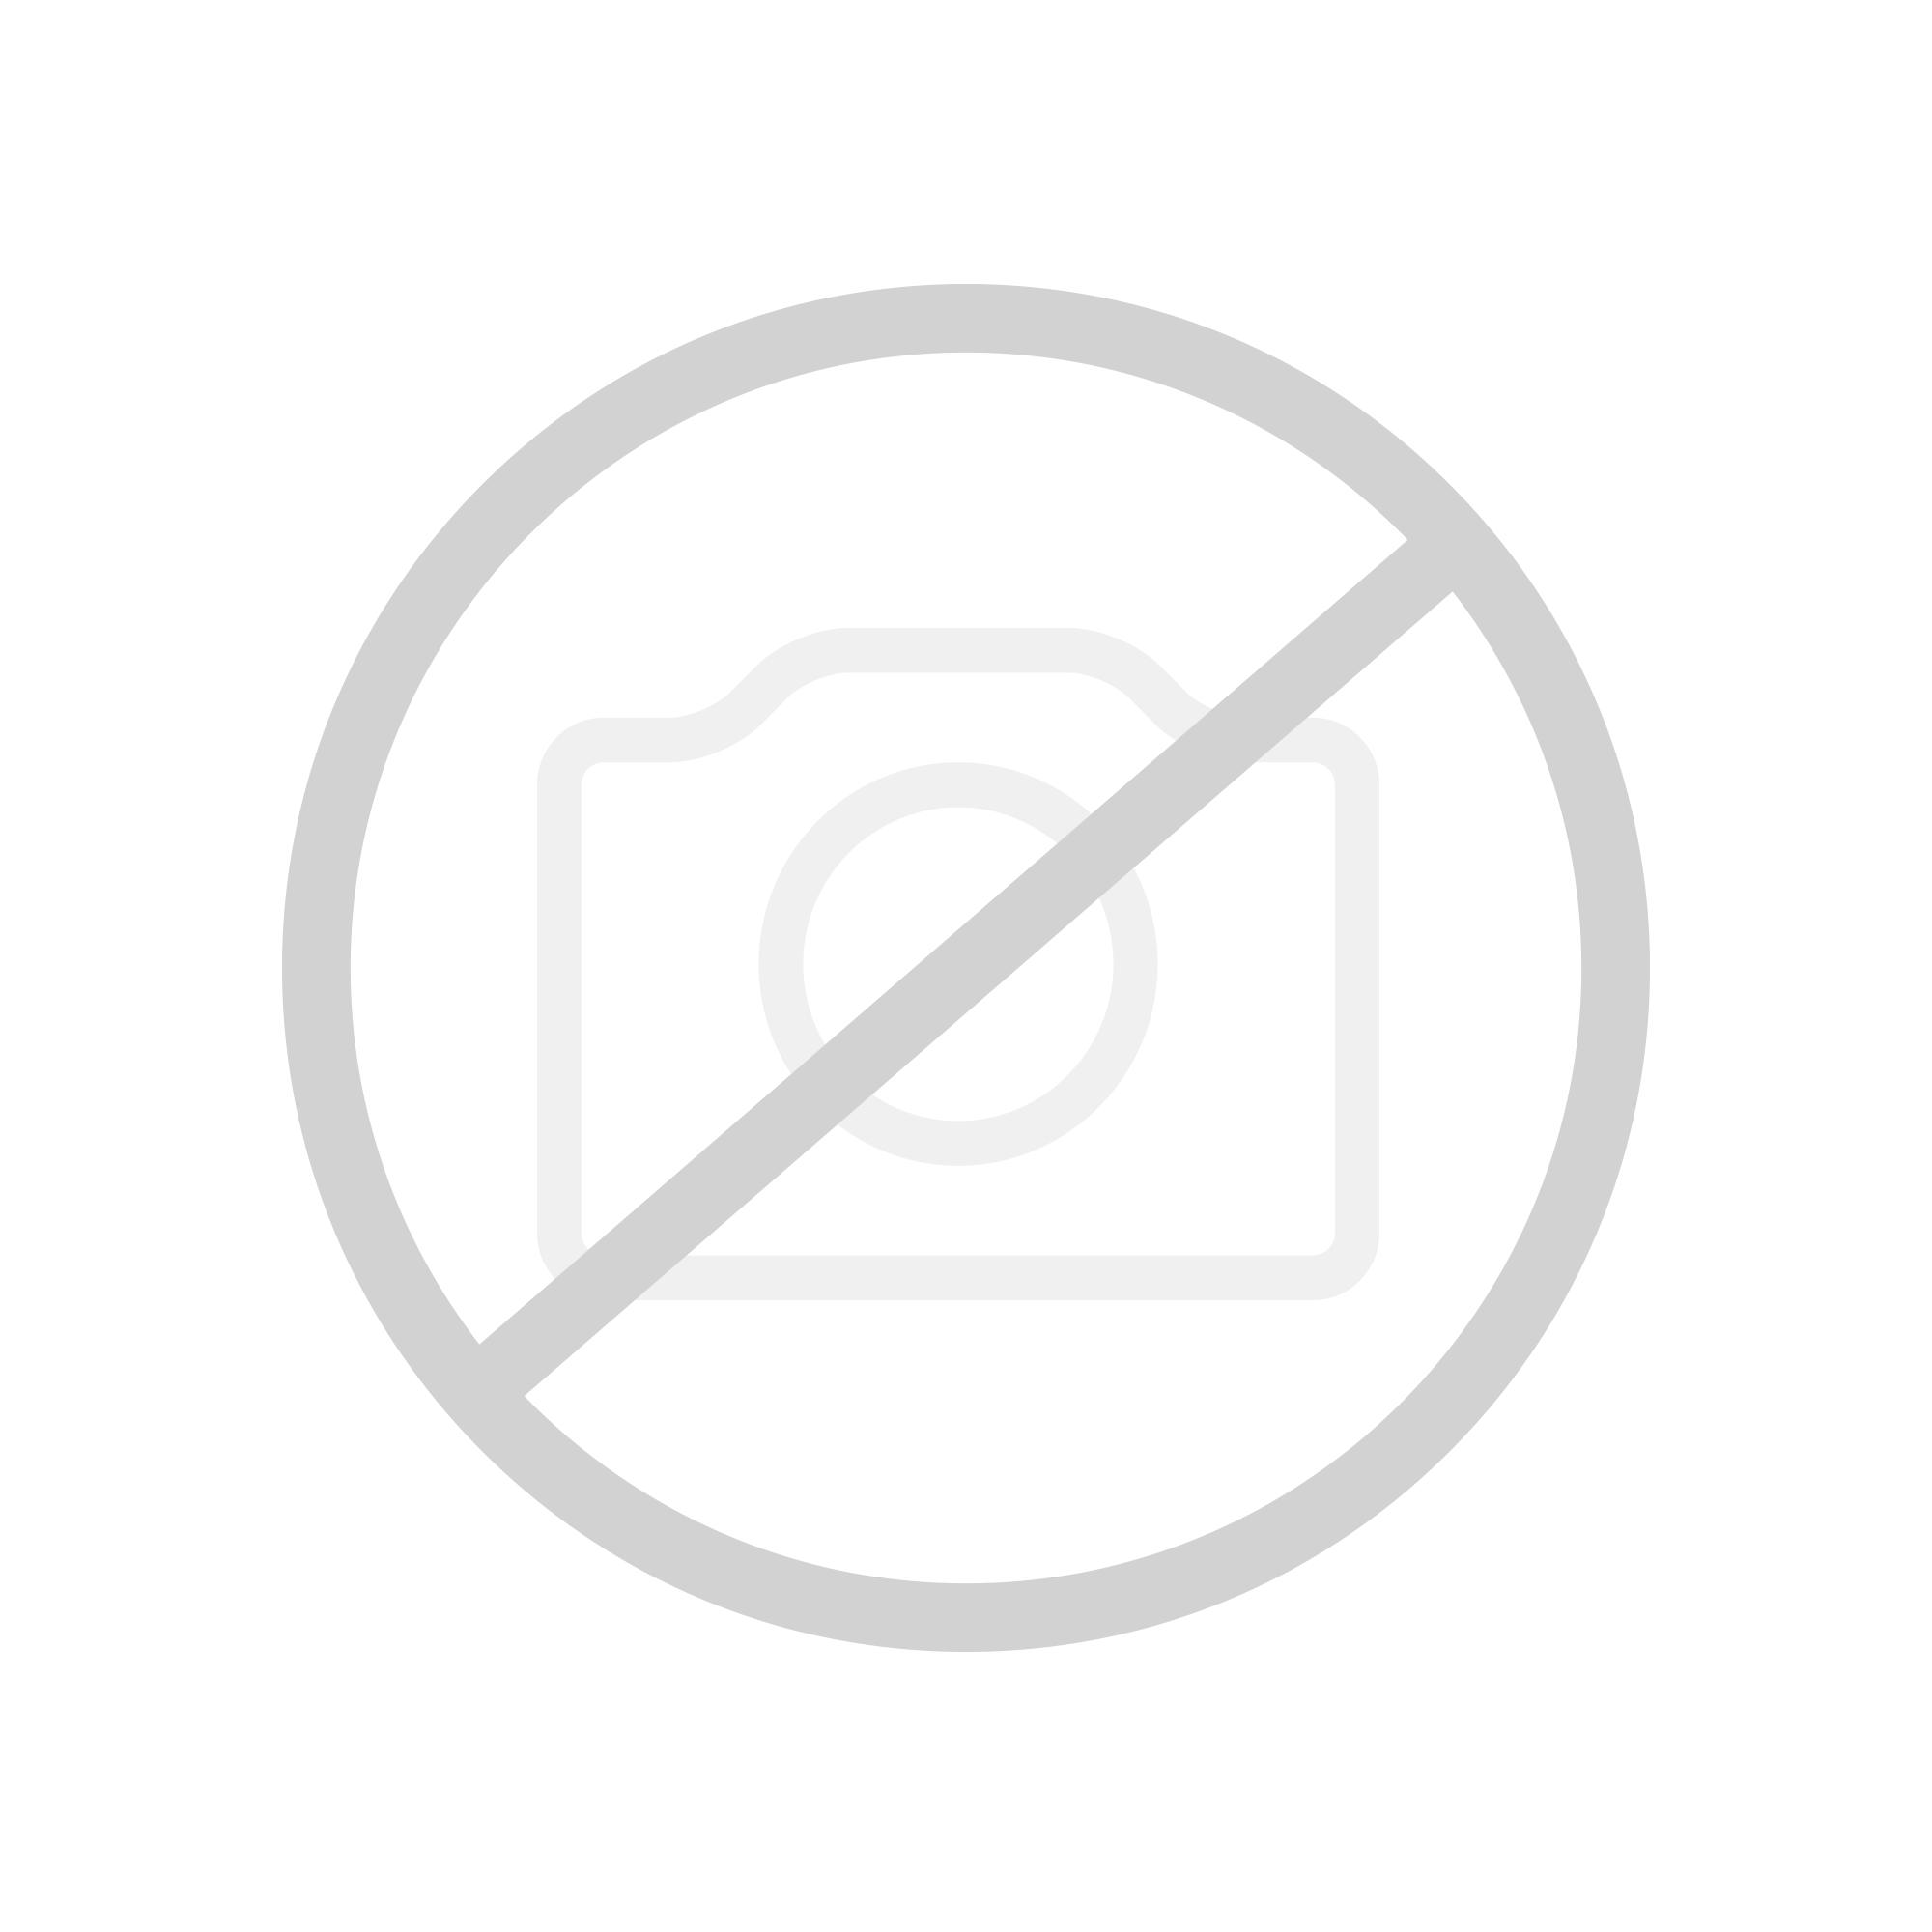 bert plantagie edno tisch ednotisch 160x100 nussb astig reuter onlineshop. Black Bedroom Furniture Sets. Home Design Ideas